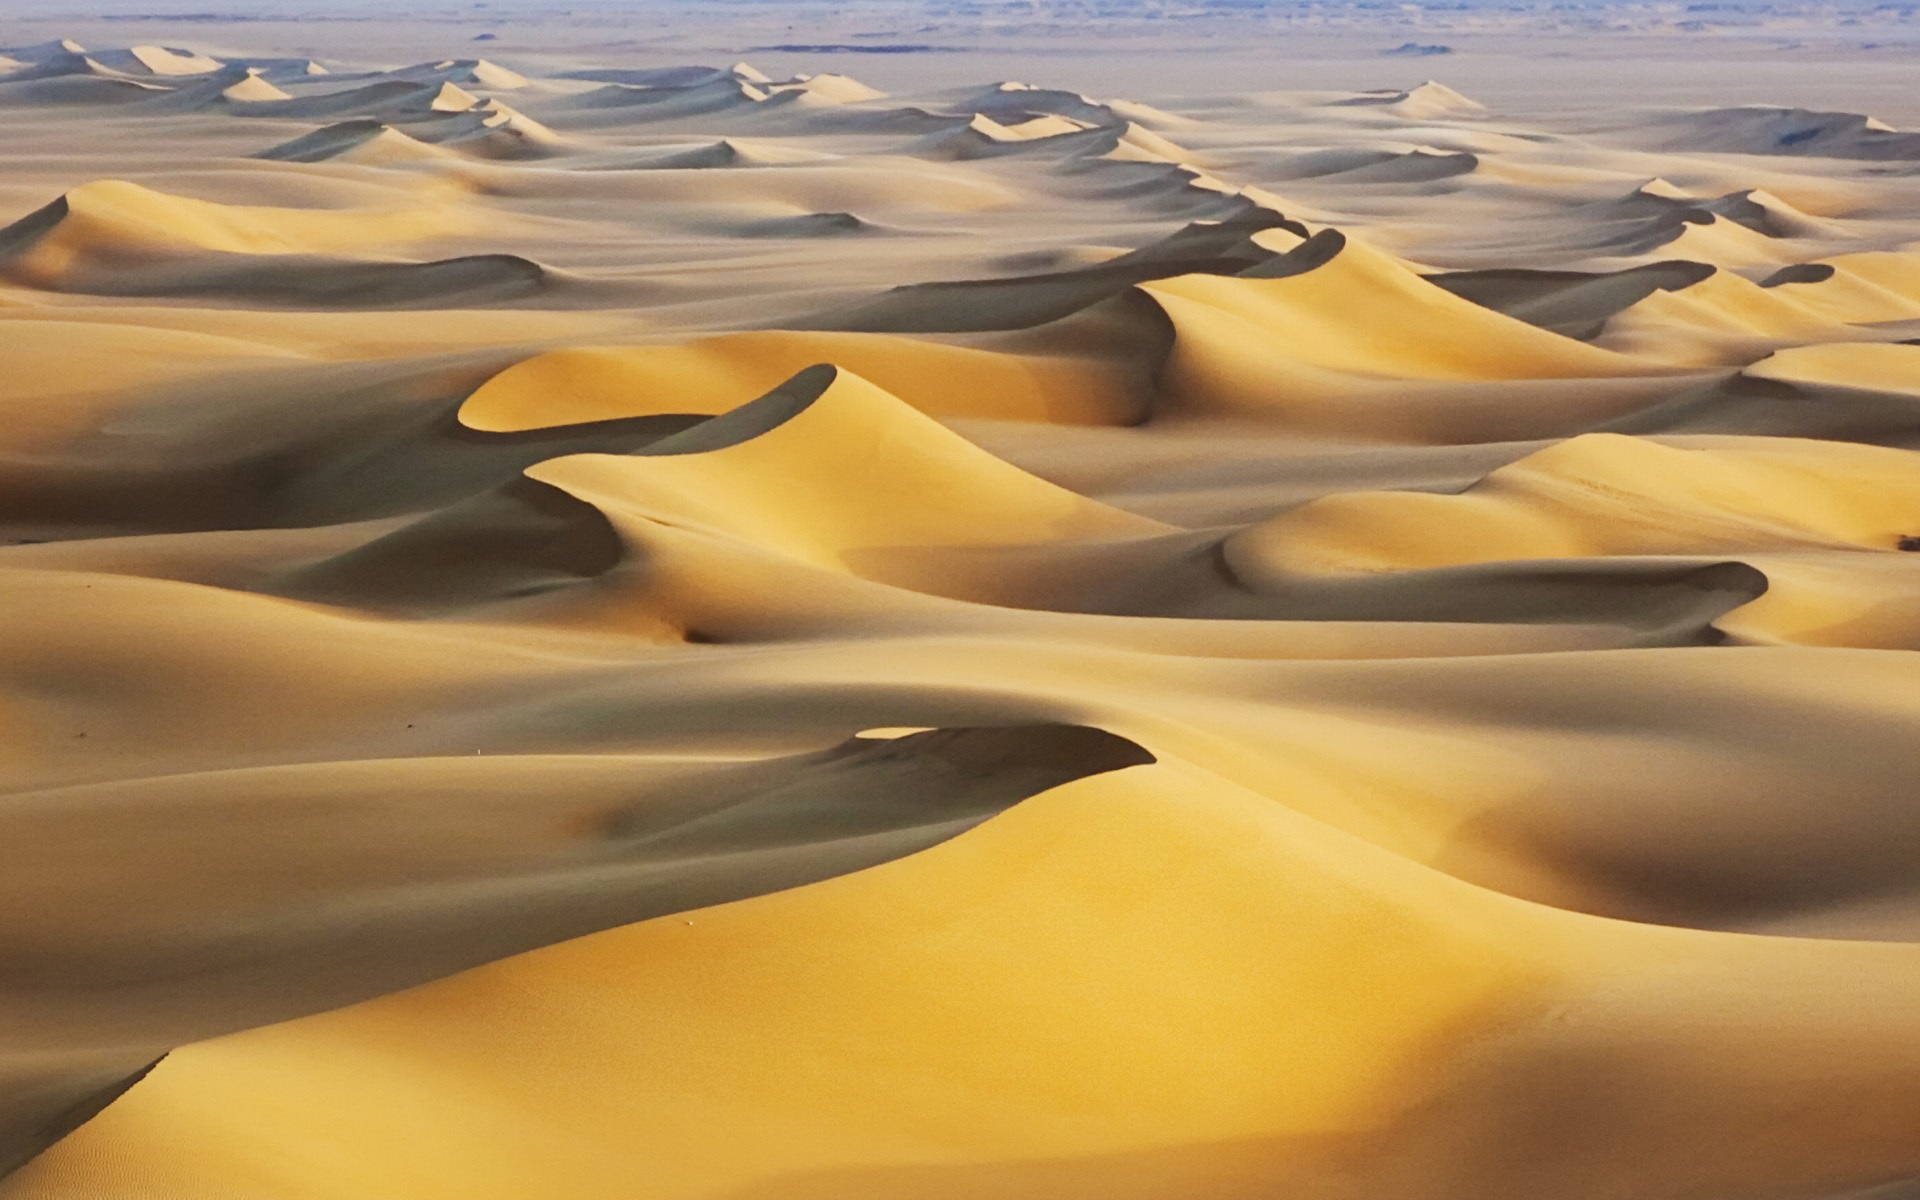 Желтый самолет в пустыне бесплатно